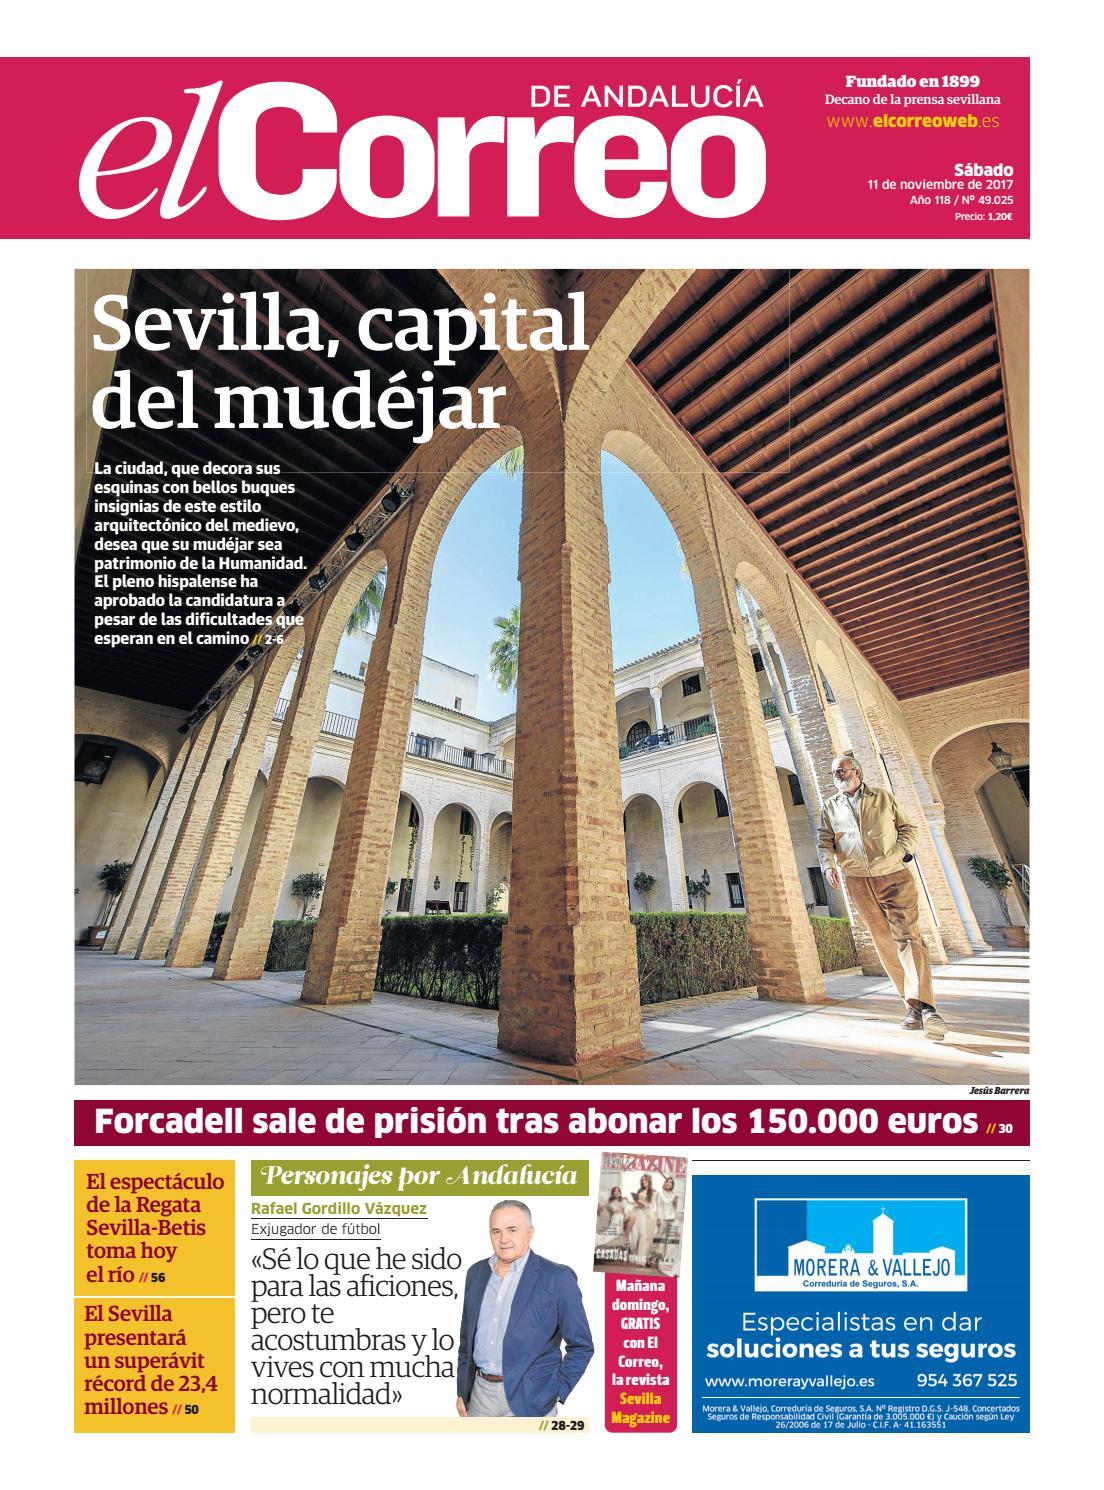 11 11 2017 El Correo De Andaluc A By El Correo De Andaluc A S L  # Muebles Sastre Viso Alcor